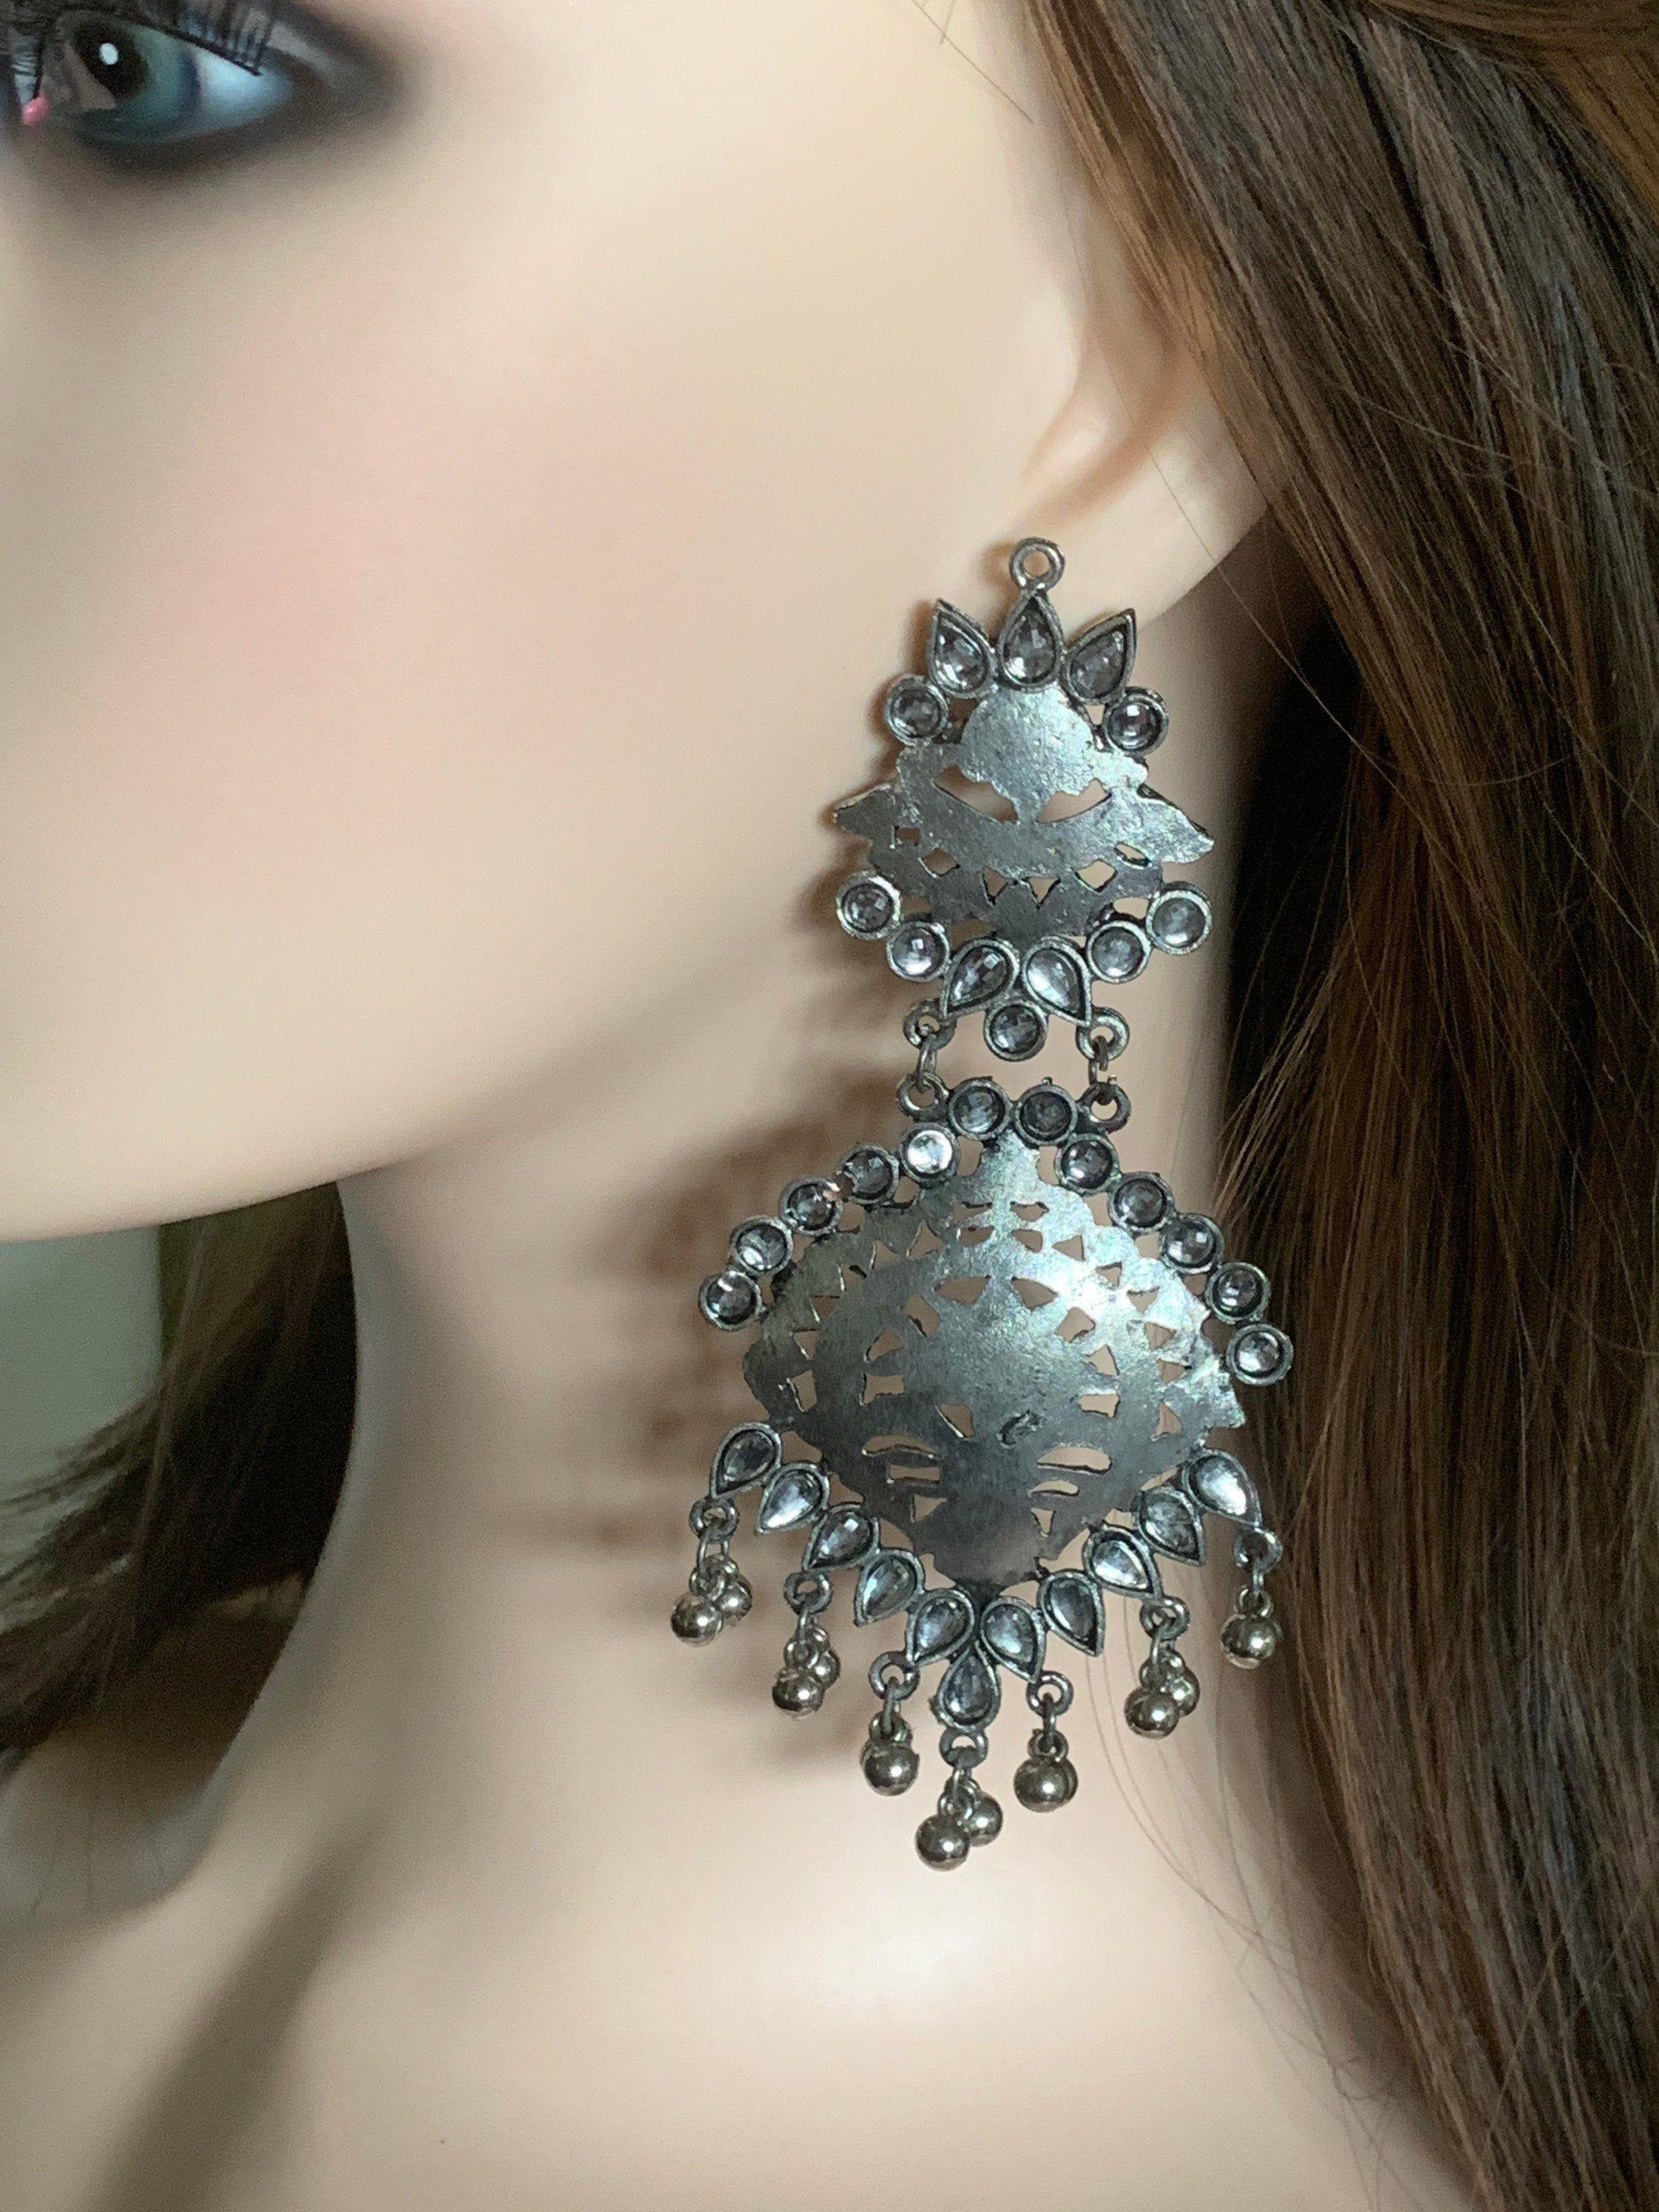 Oxidized Kundan Earrings Indian Jewelry Indian Earrings Tribal Jewelry Boho Jewelry Bollywood Jewelry German Silver Earrings